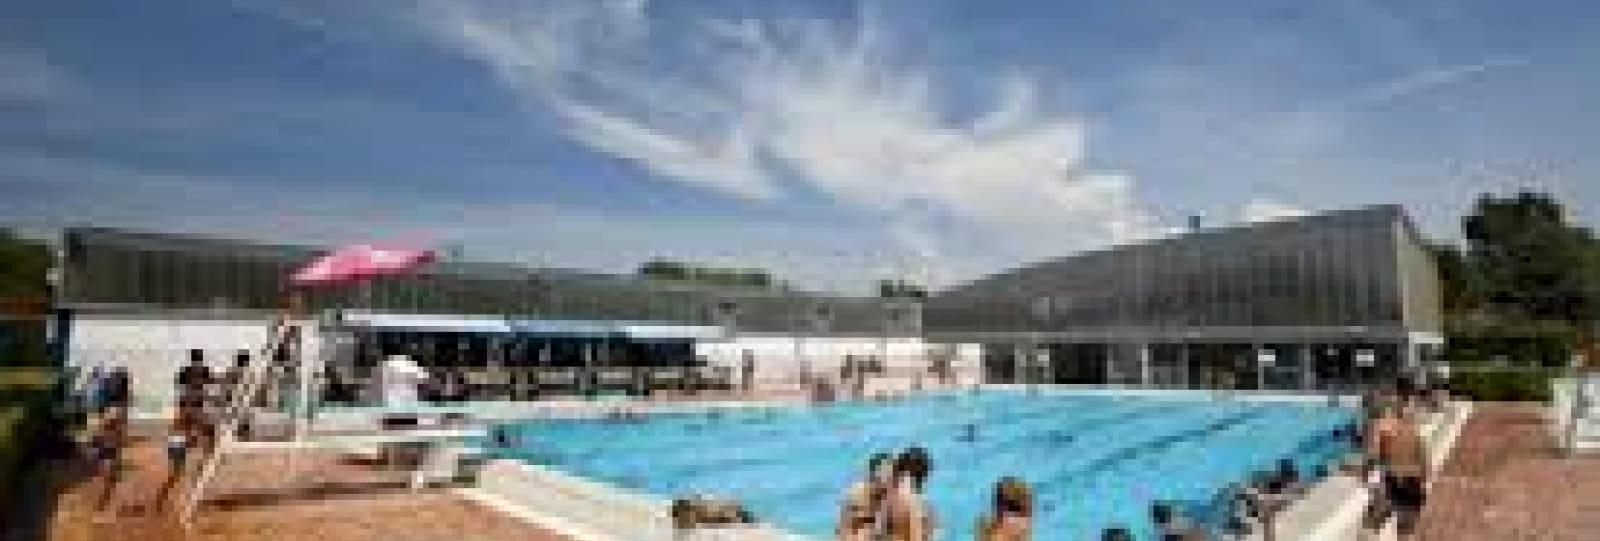 Piscine Camille Muffat - piscine fermée jusqu'en mai 2020